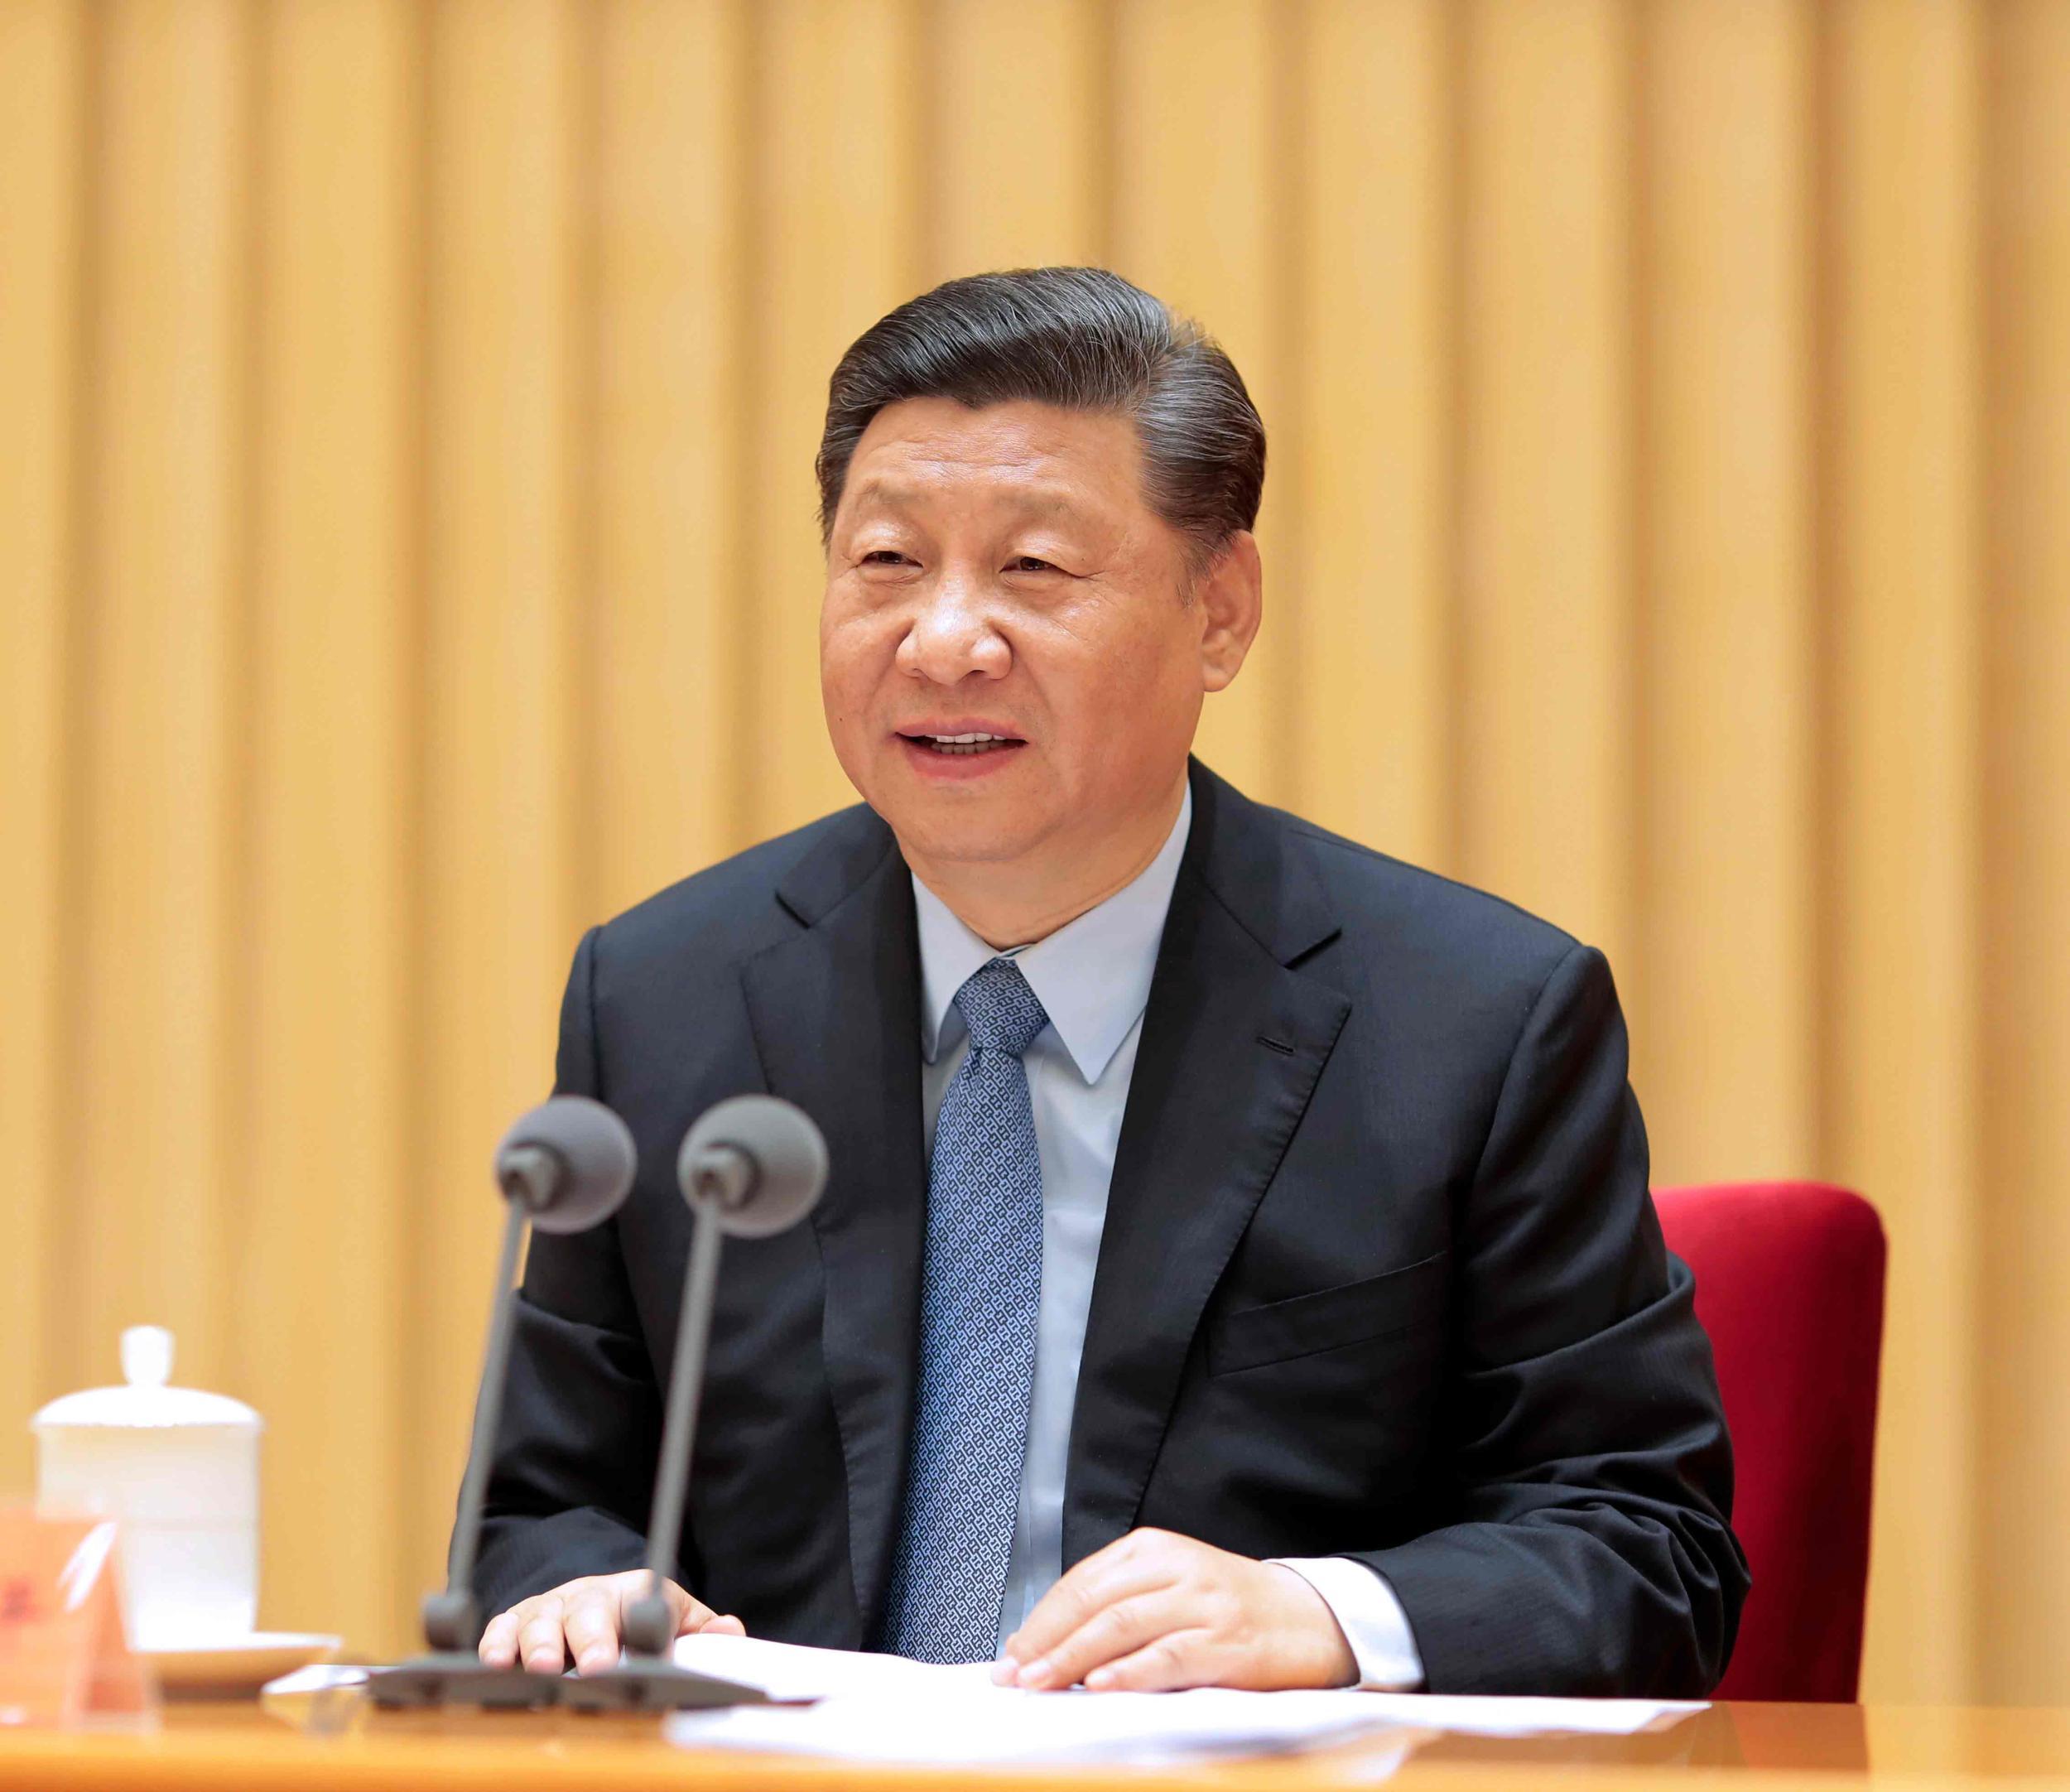 5月7日至8日,全国公安工作会议在北京召开。中共中央总书记、国家主席、中央军委主席习近平出席会议并发表重要讲话。